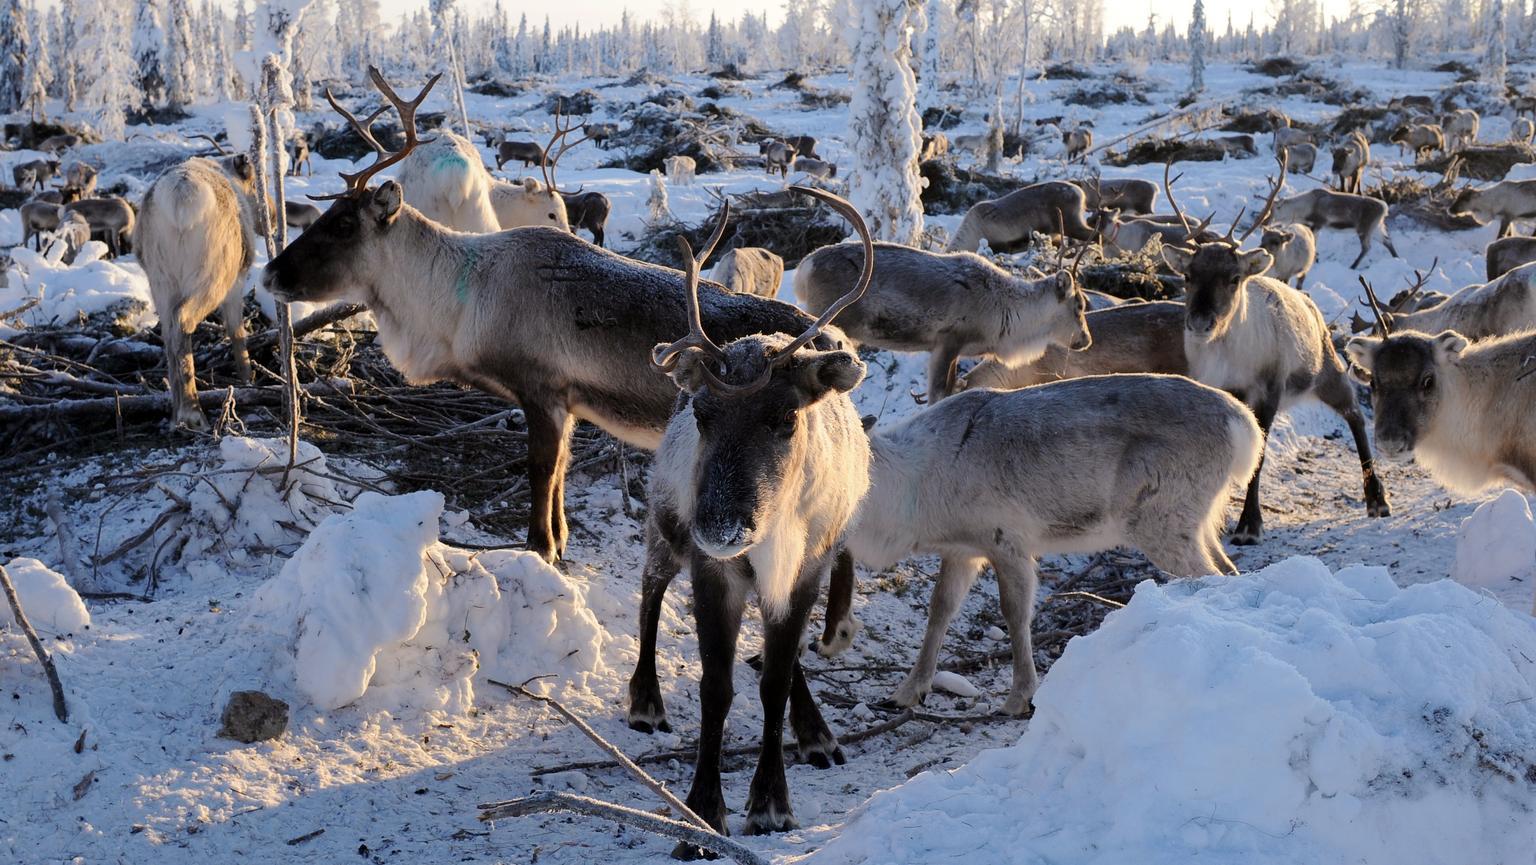 Eine Rentierherde. Wilderei bedroht nach Einschätzung der Tierschutzorganisation WWFden Bestand der Rentiere in Russland.